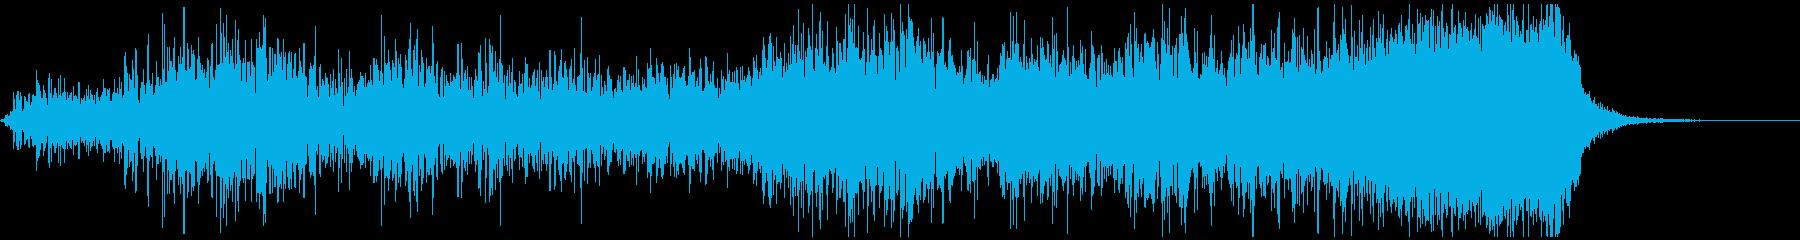 30秒サウンドロゴ/コーラス爽涼、疾走感の再生済みの波形